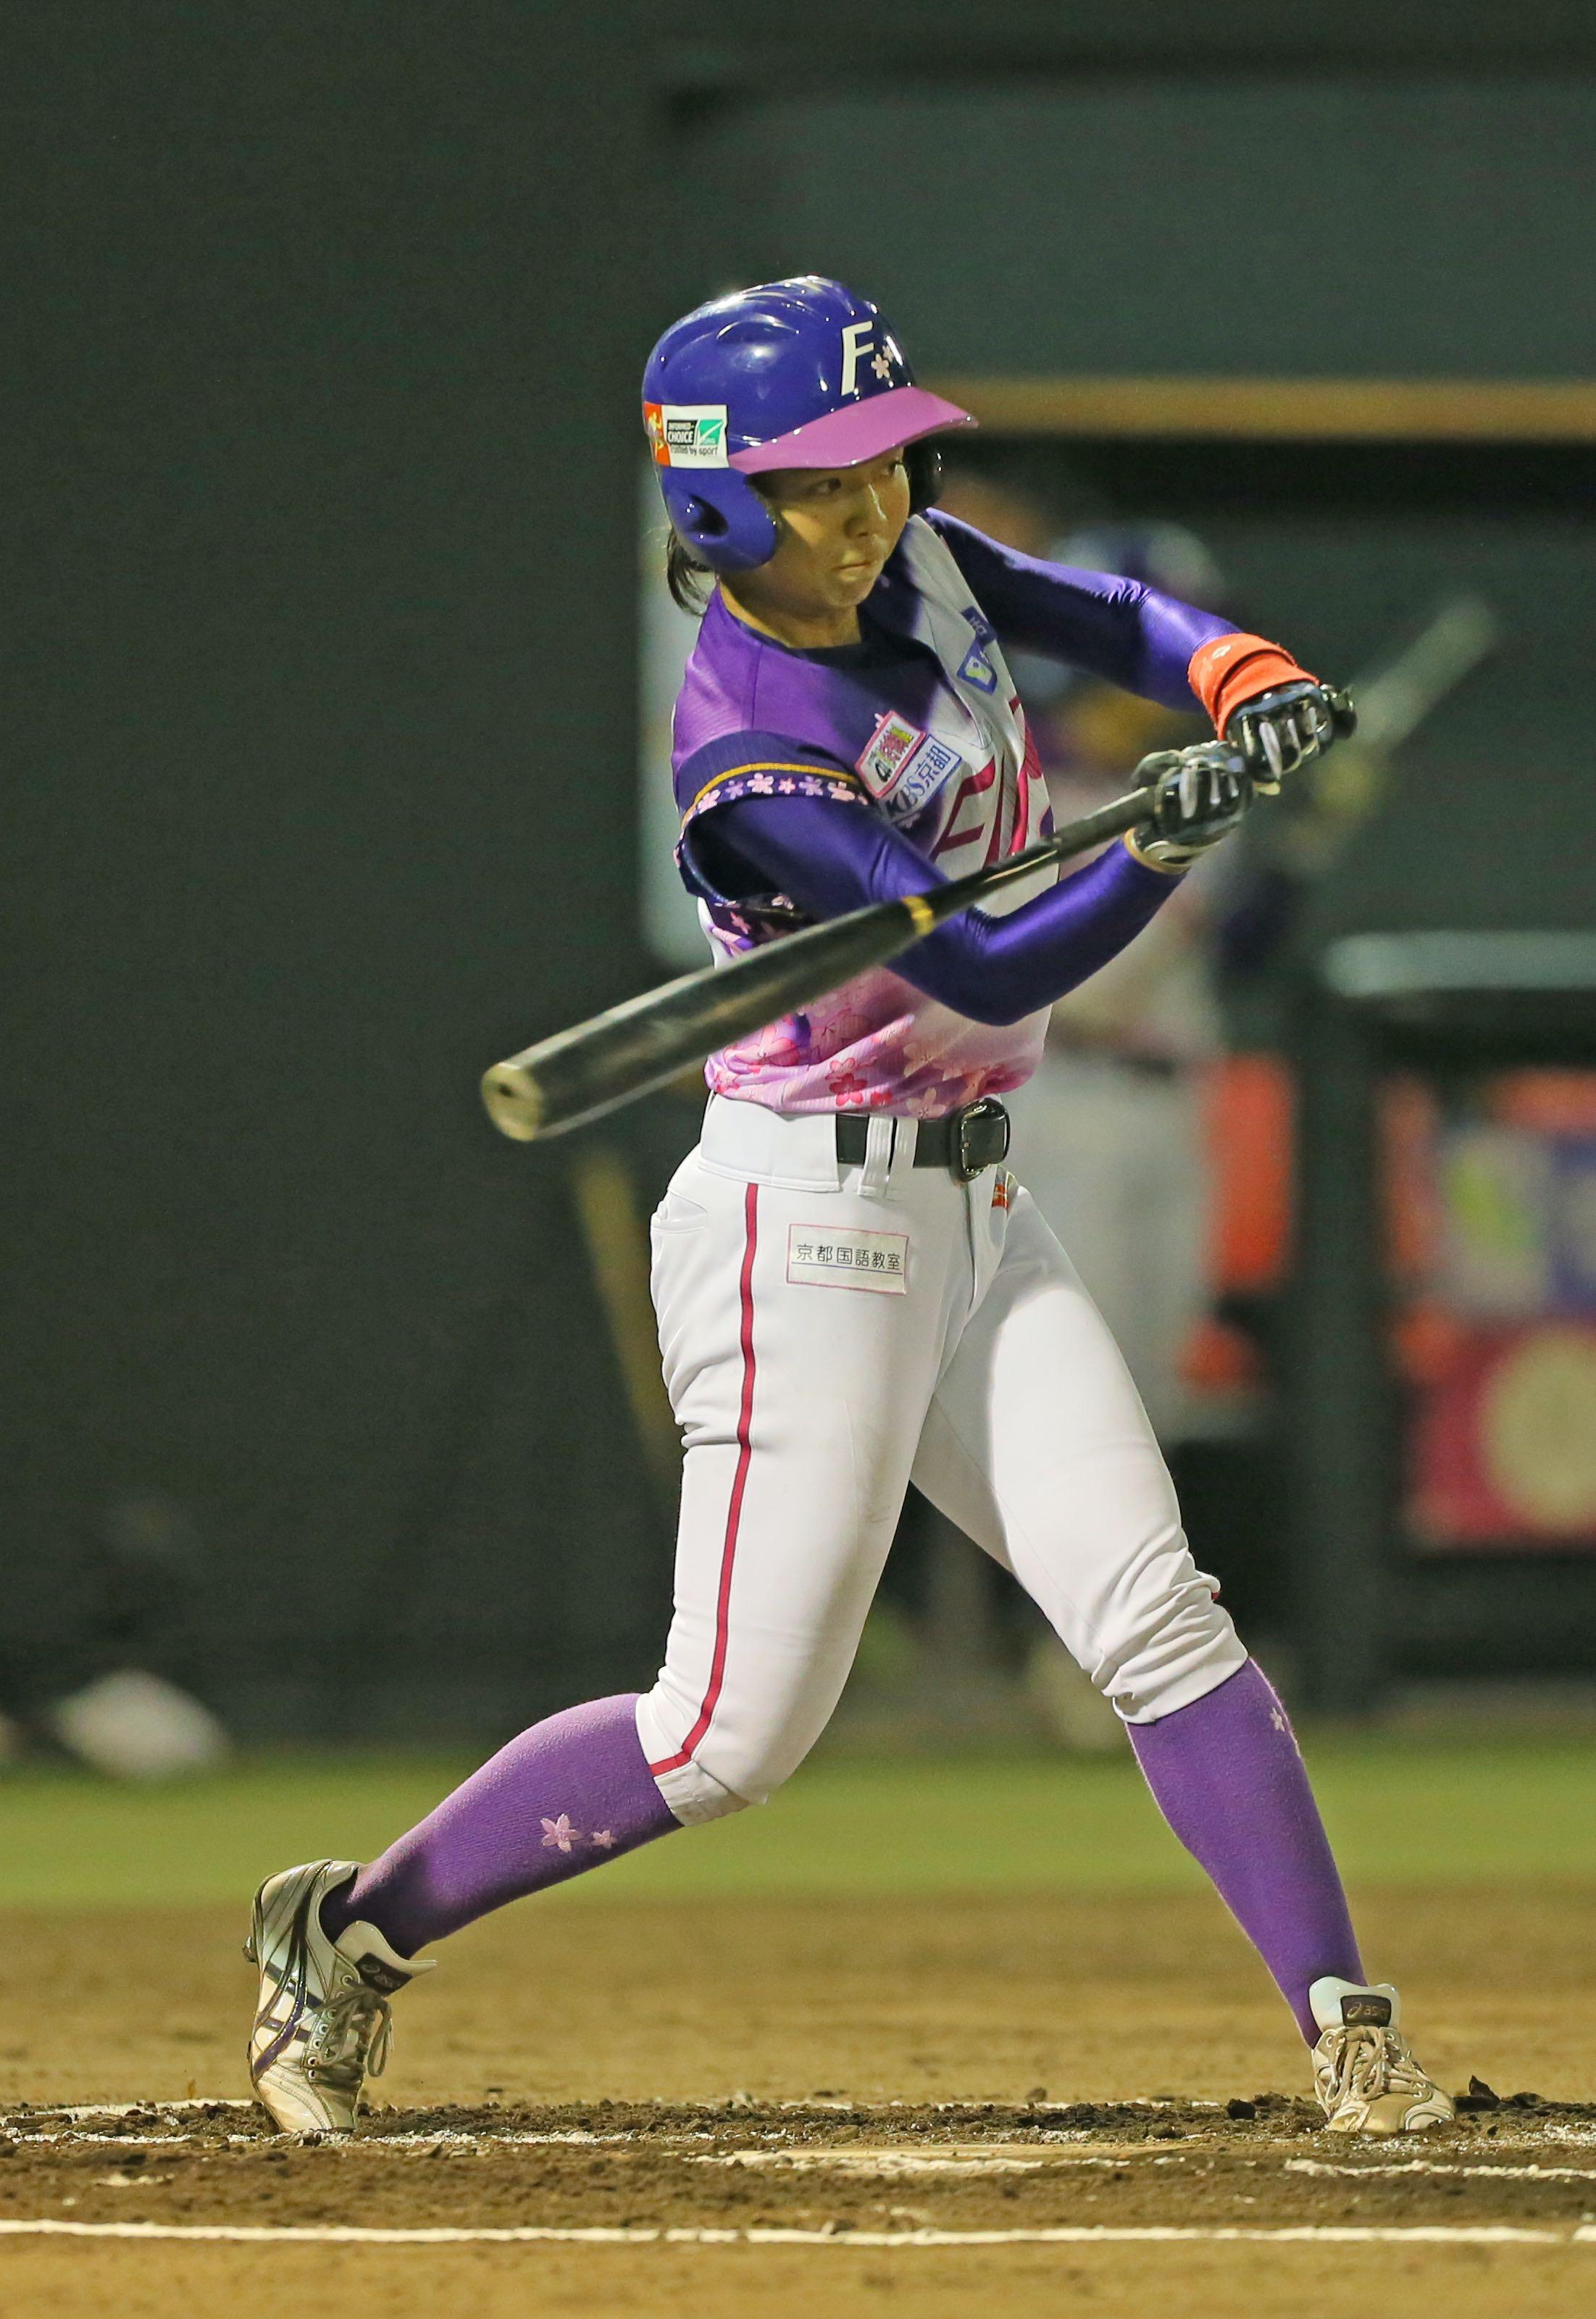 バットを振る奥村選手の画像